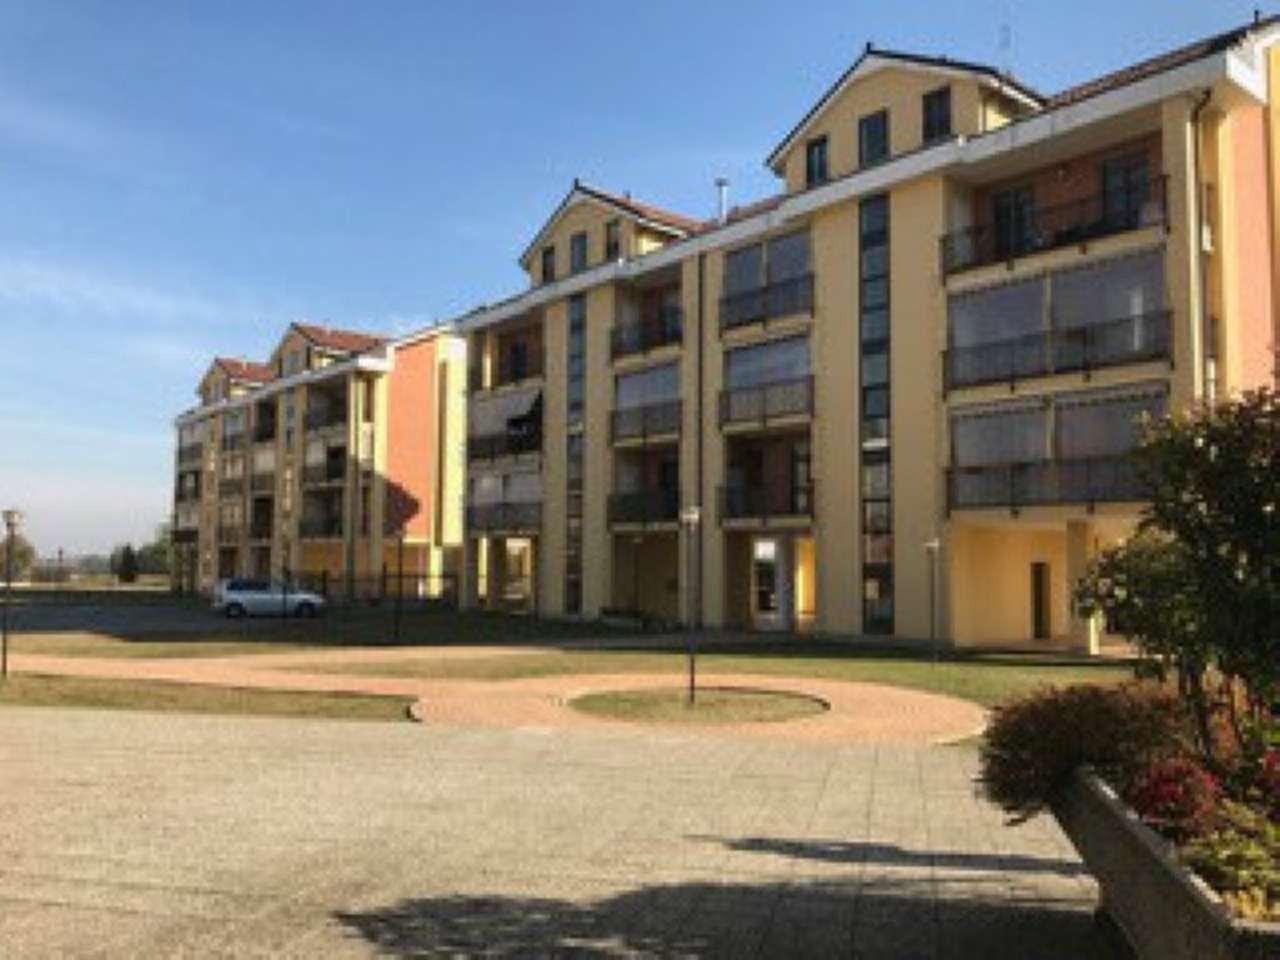 Appartamento in vendita a Borgaro Torinese, 3 locali, prezzo € 165.000   CambioCasa.it